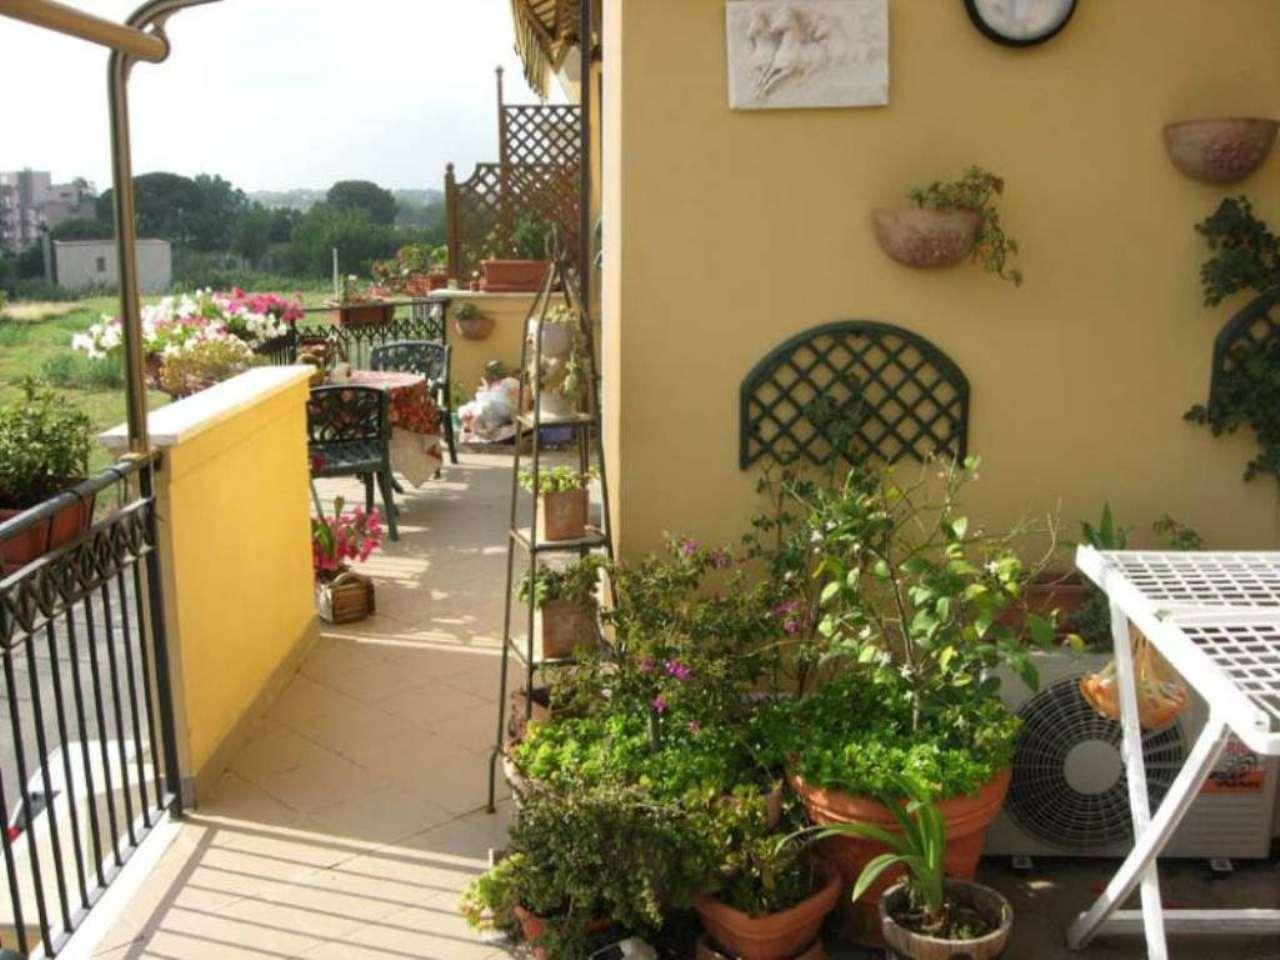 Attico / Mansarda in vendita a Nettuno, 3 locali, prezzo € 145.000 | Cambio Casa.it